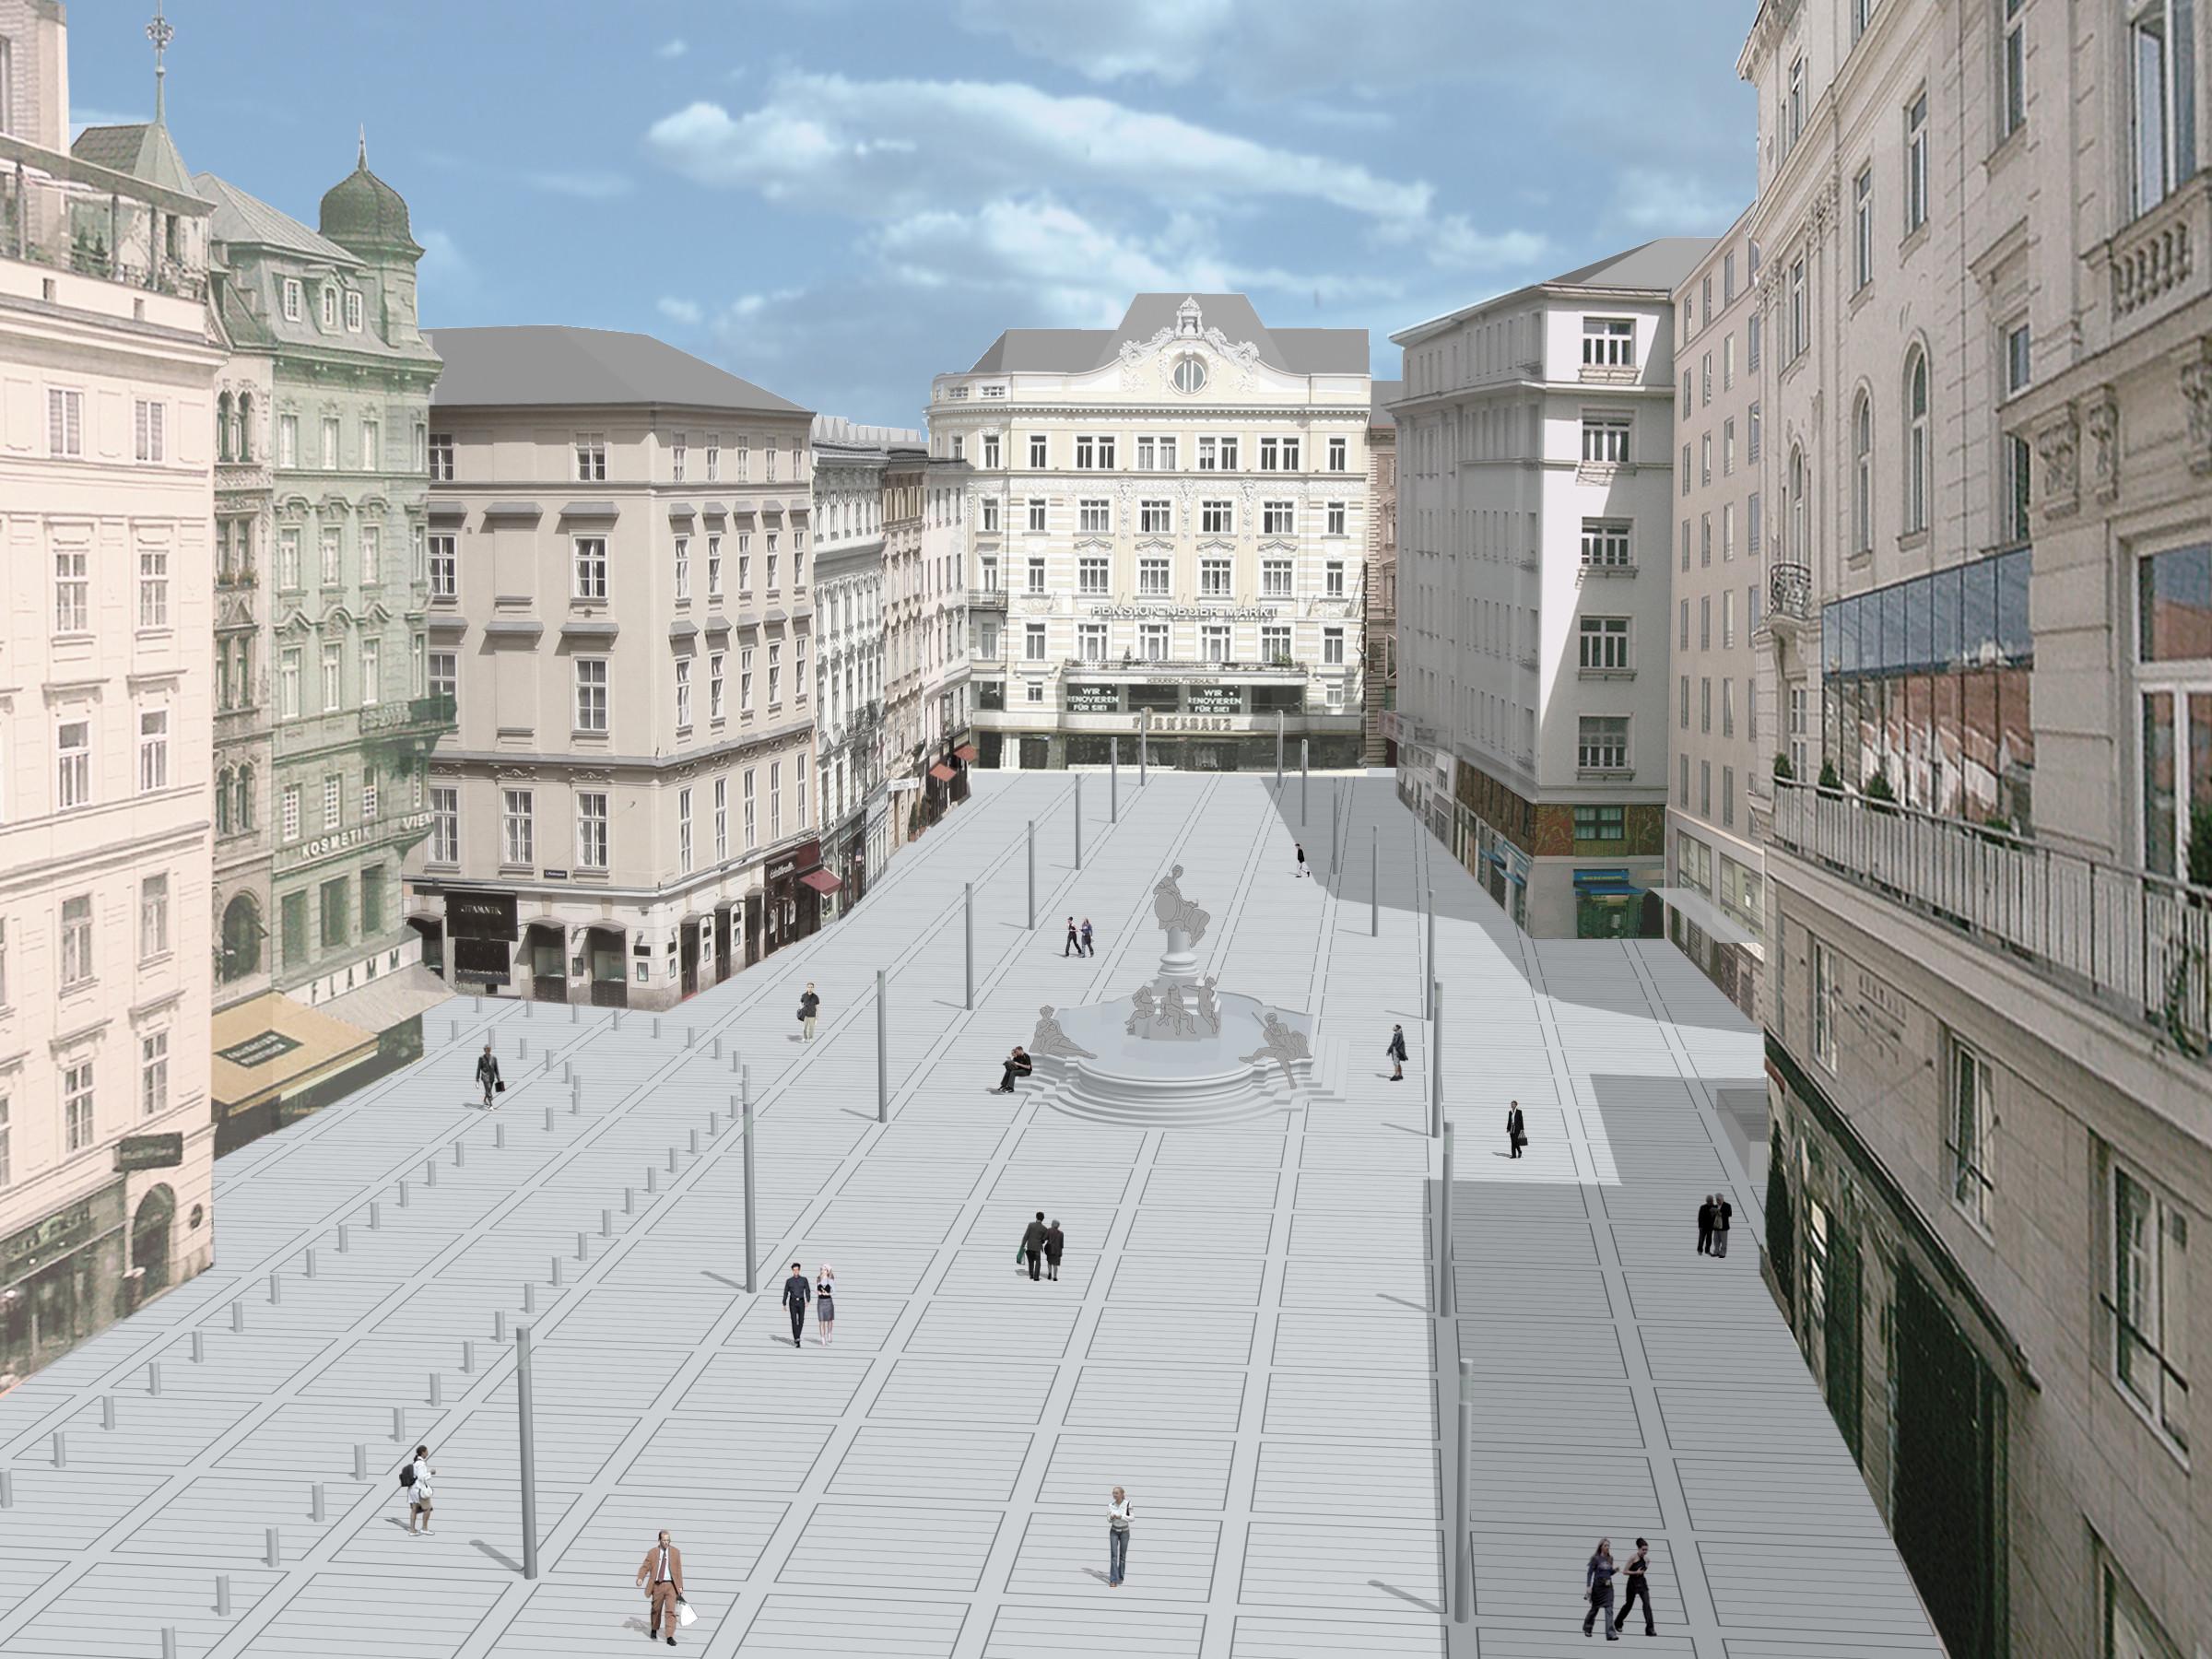 <p>© RUNSER / PRANTL architekten, Neuer Markt Oberflächengestaltung, 1010 Wien, Österreich, Wettbewerb, 2003, Platzgestaltung</p>